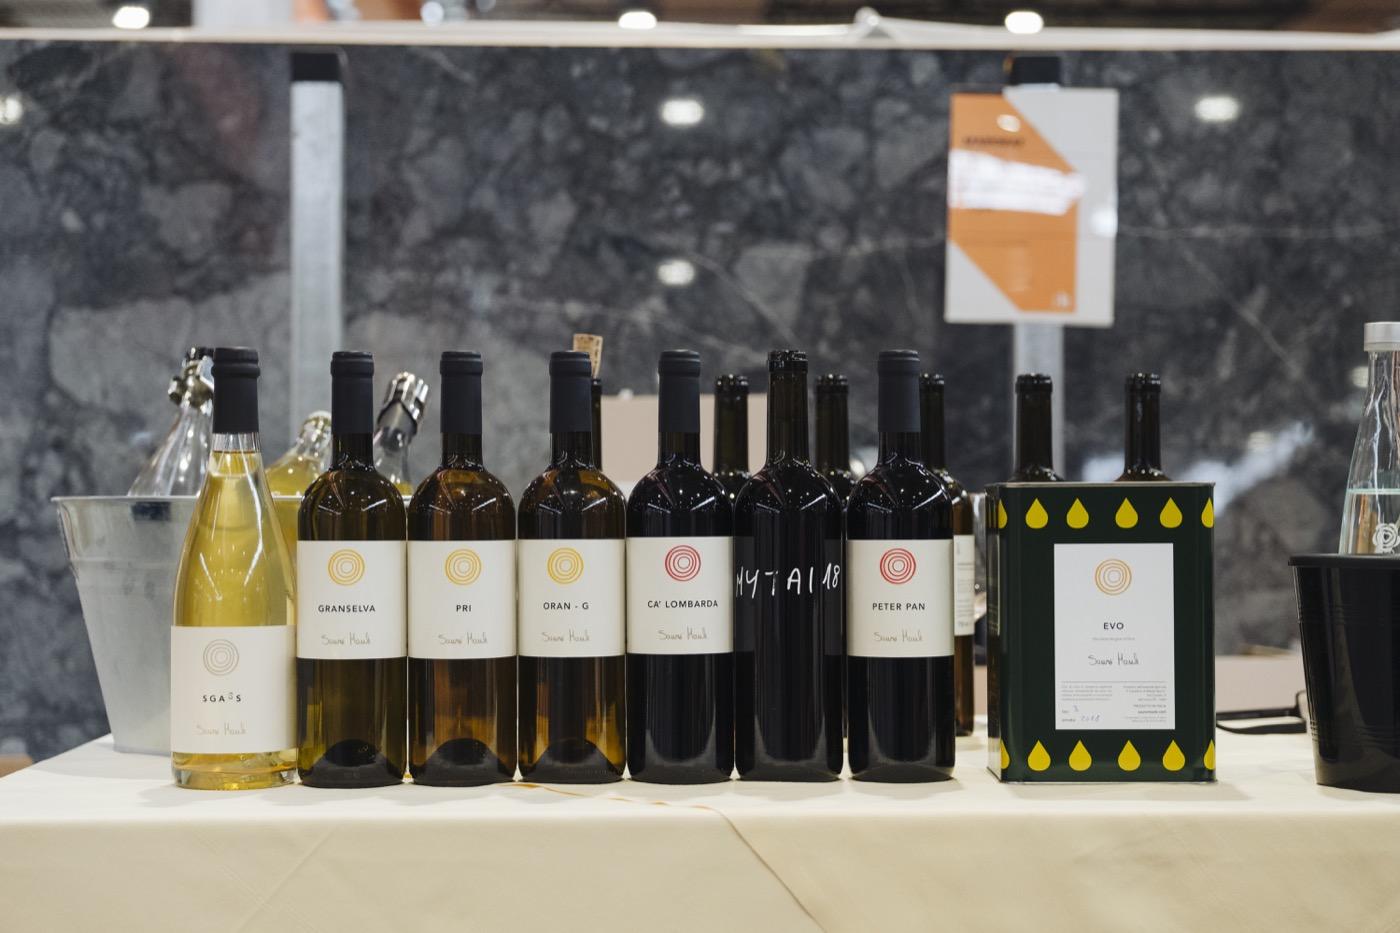 Vinnatur-Tasting-2019-rui-fotografo-L1020634_p_Lr_1400